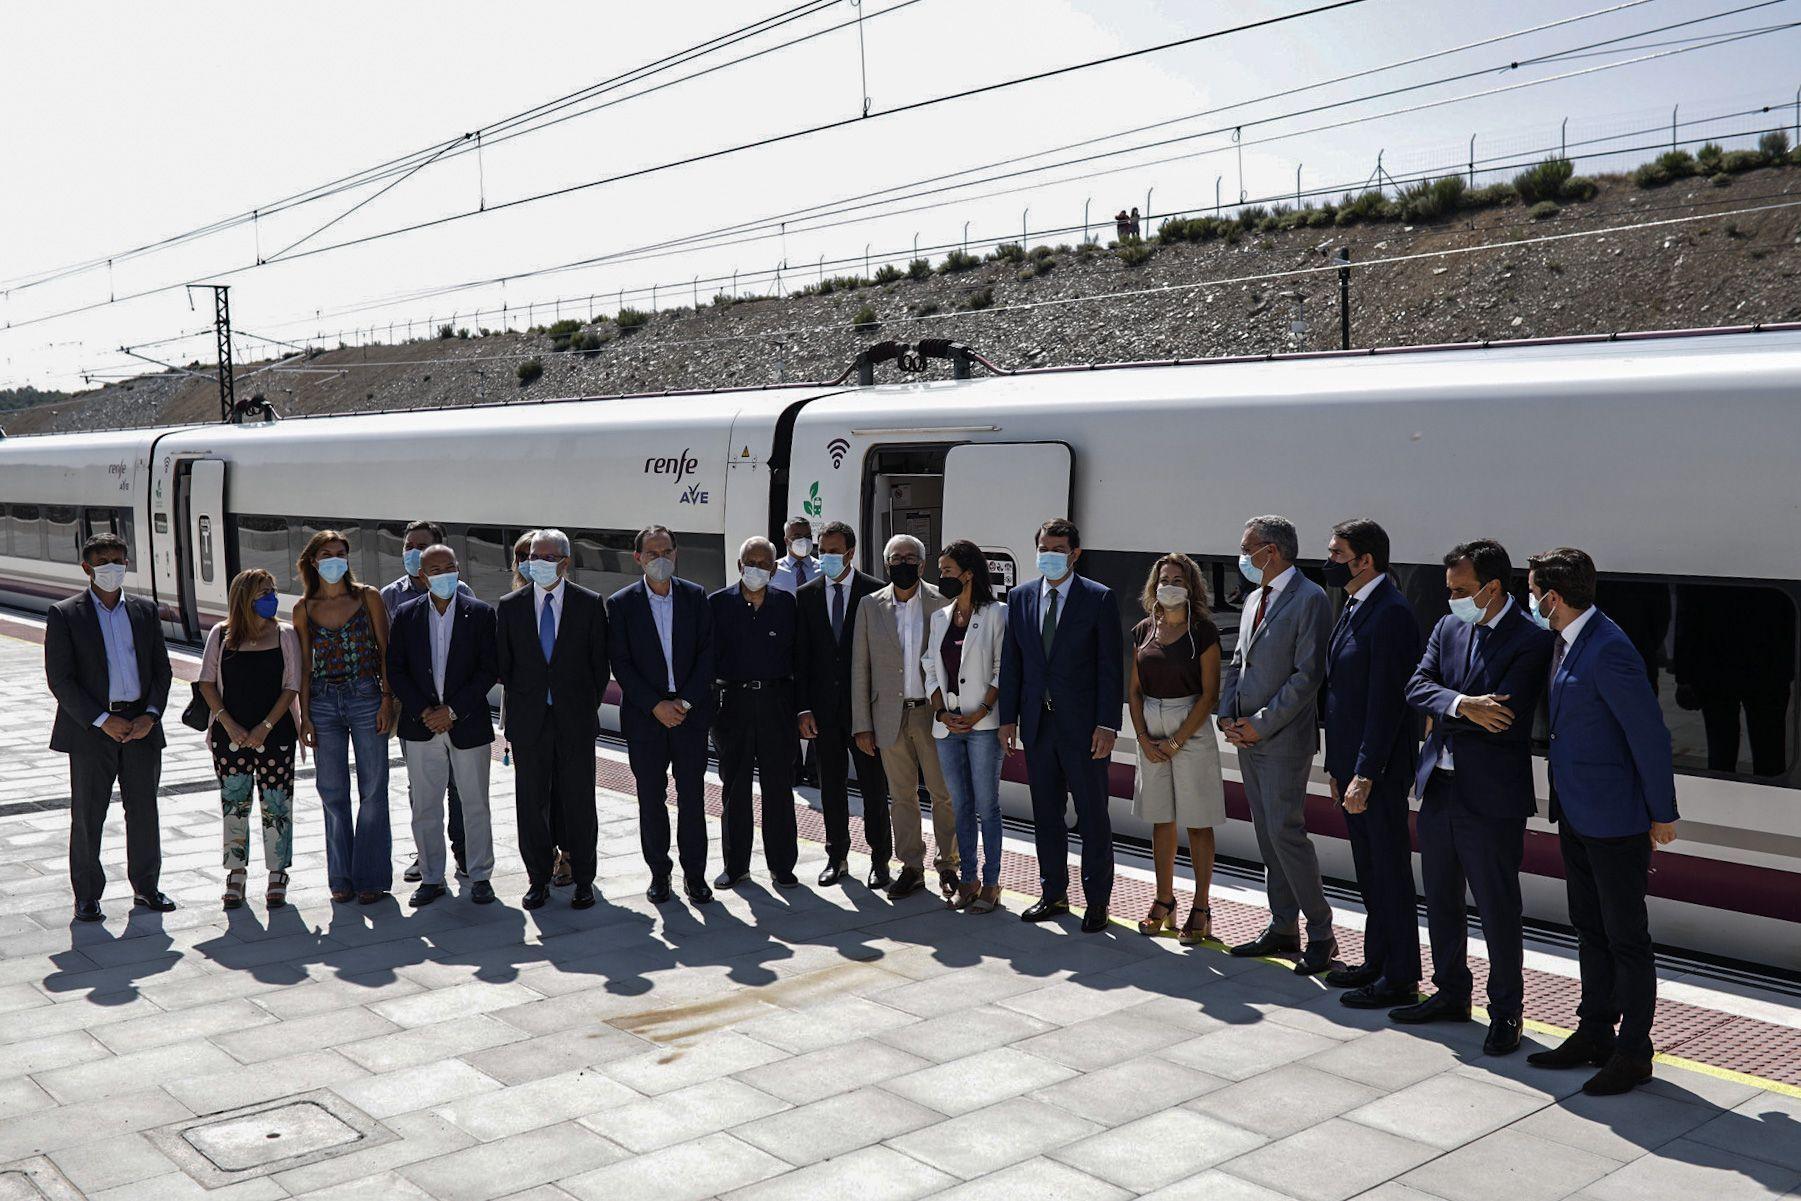 GALERÍA | Así ha sido en imágenes la inauguración de la estación del AVE en Otero de Sanabria